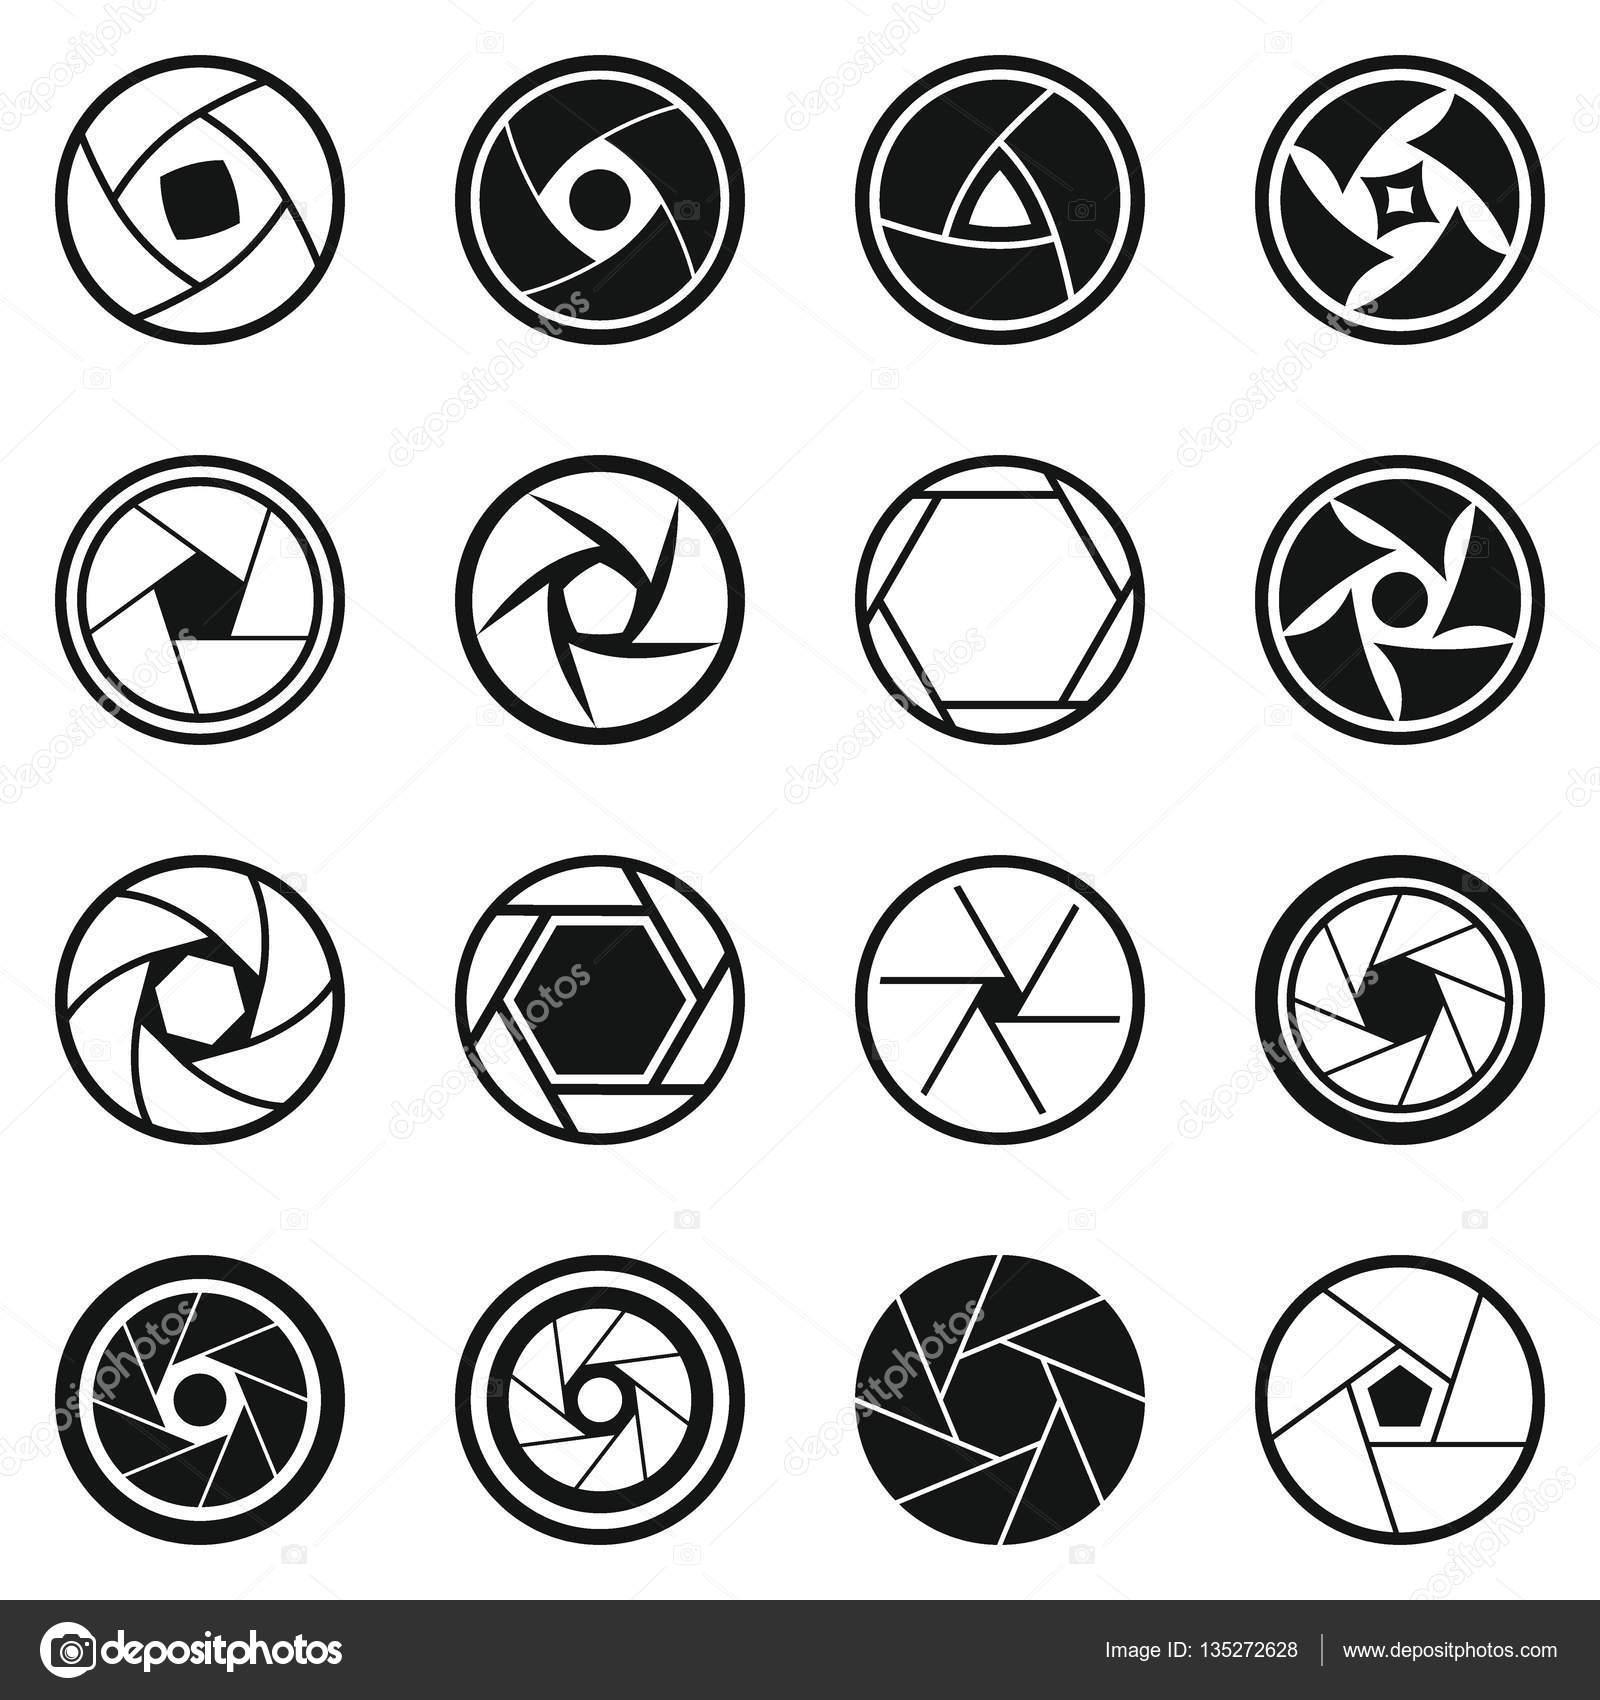 Conjunto de iconos foto diafragma, estilo simple — Archivo Imágenes ...